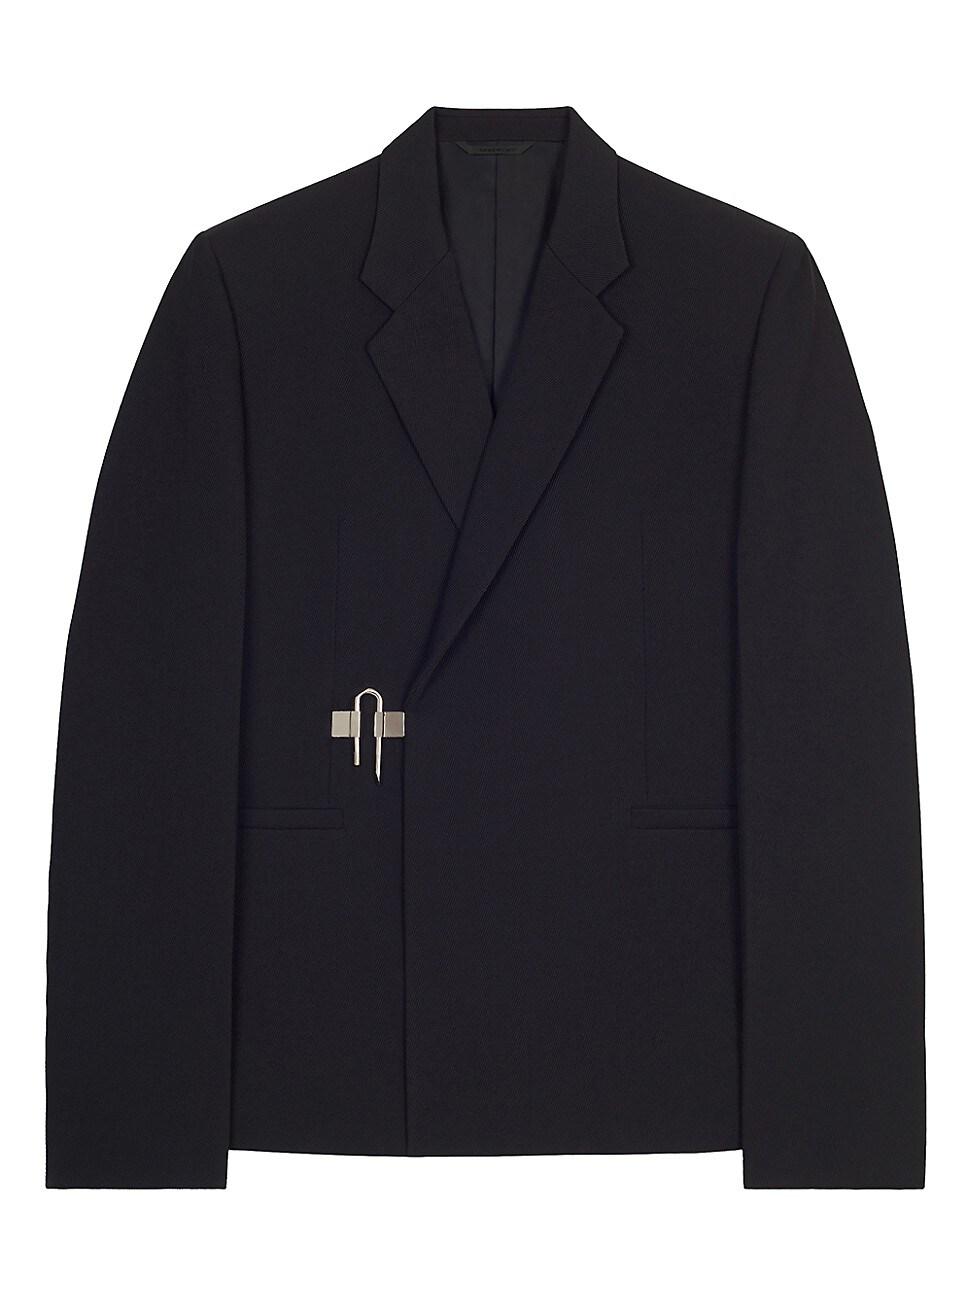 Givenchy Wools MEN'S PADLOCK-CLOSURE WOOL BLAZER